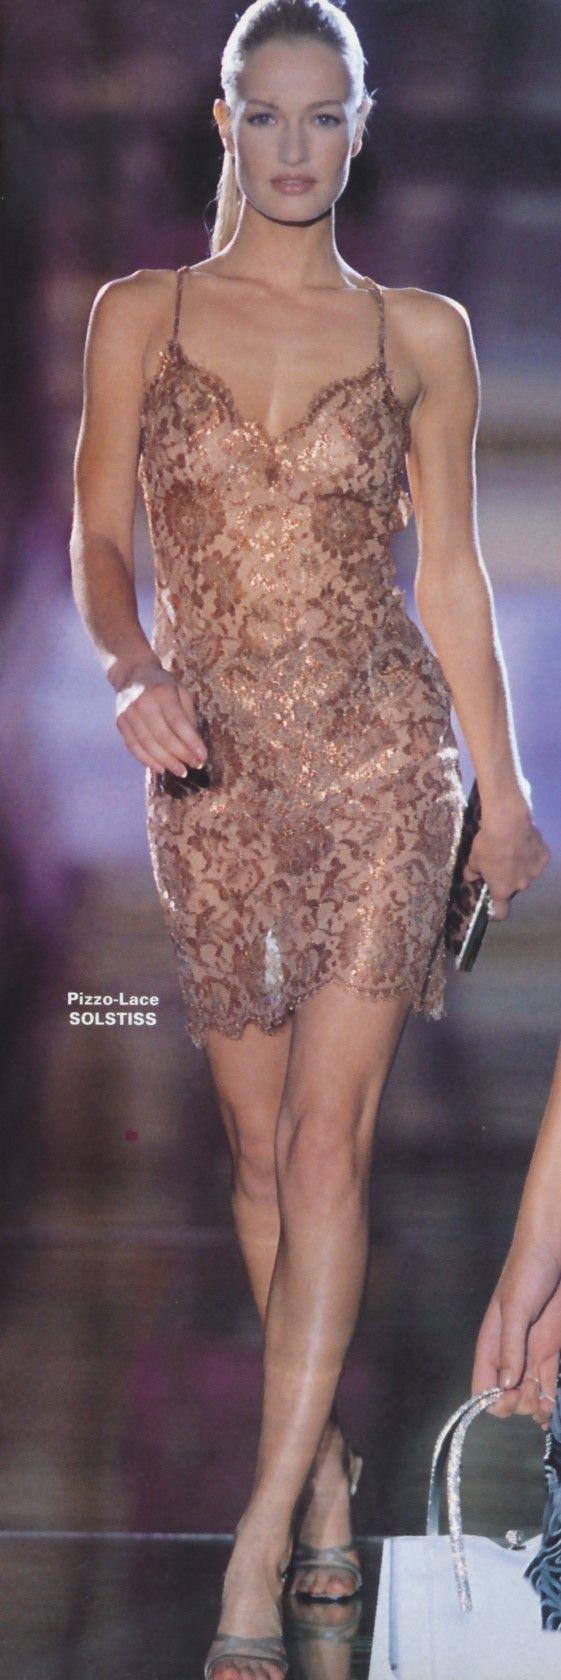 Karen Mulder, Versace. 1995/96